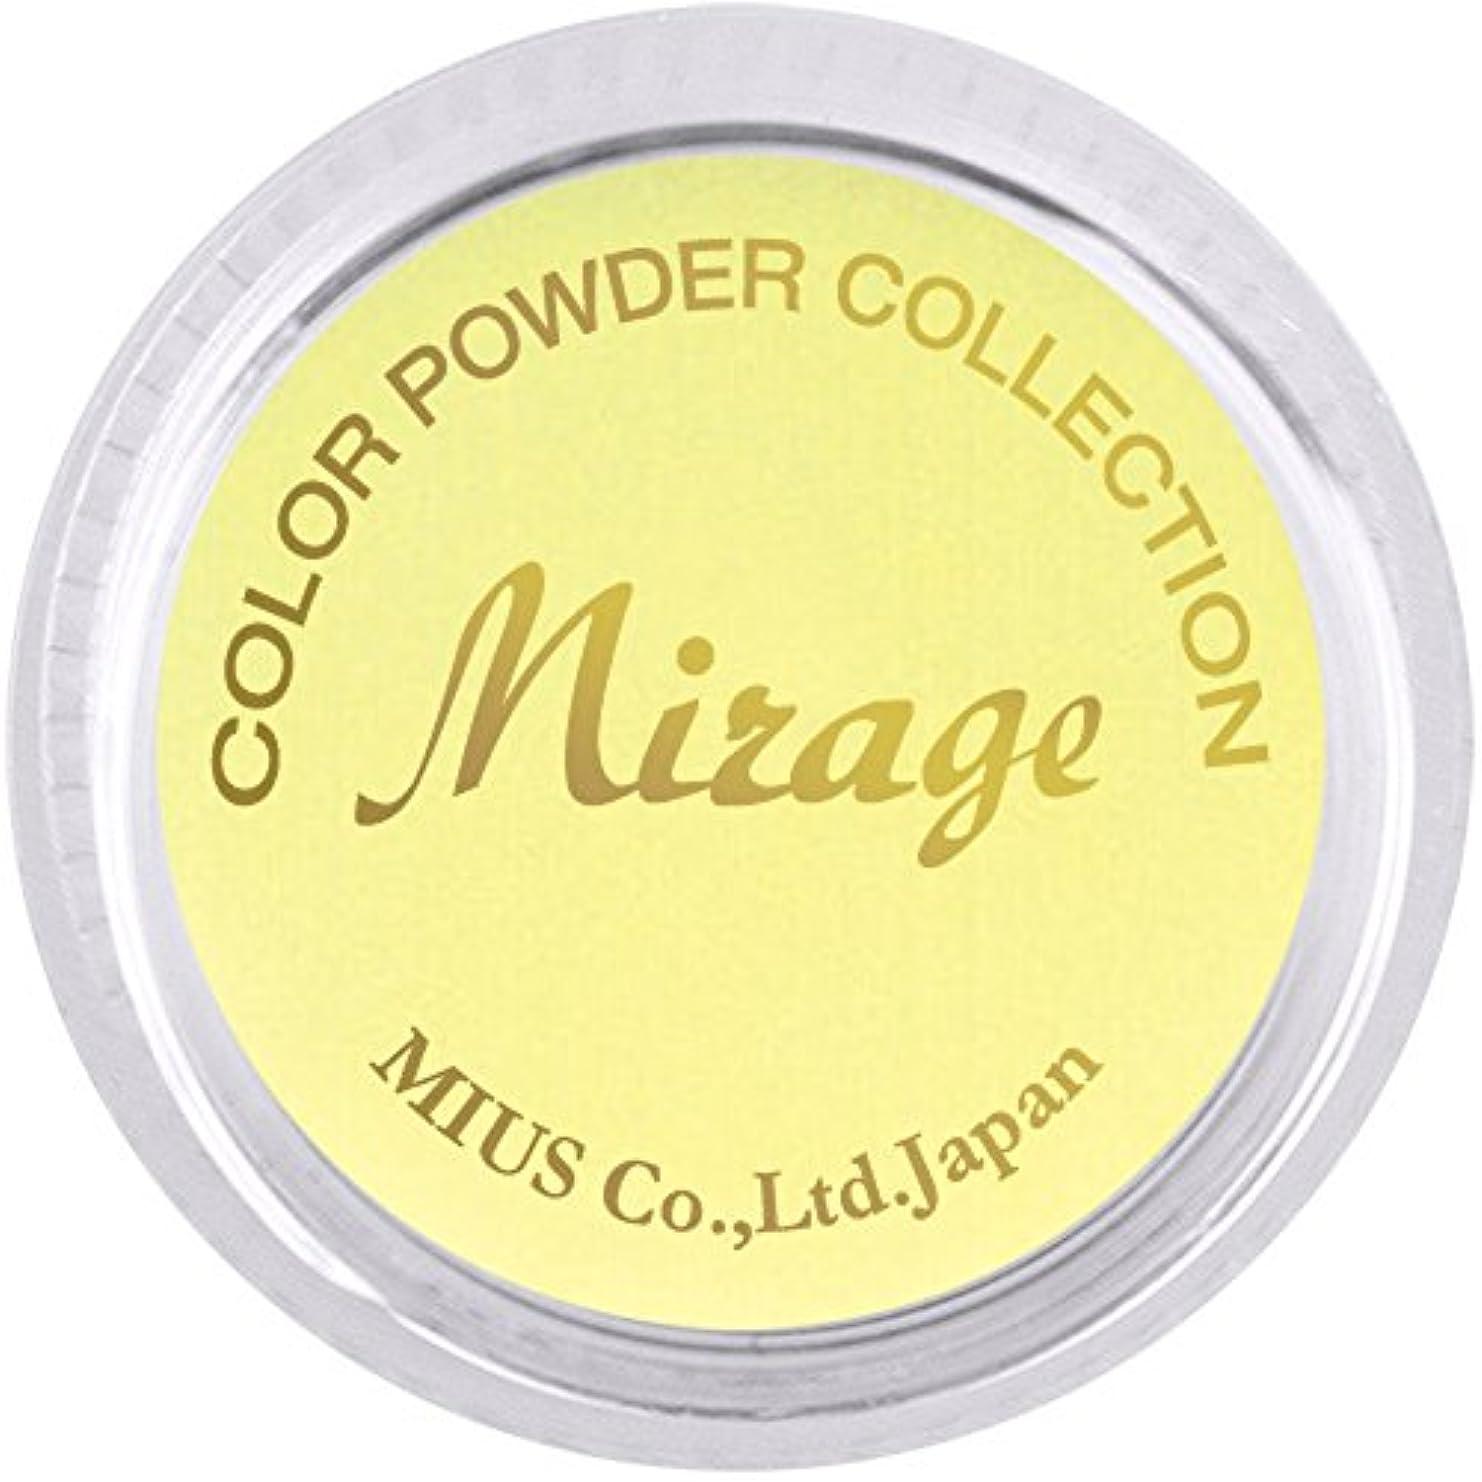 自発的小川冷ややかなミラージュ カラーパウダー N/WBN-1  7g  アクリルパウダー 淡く優しい色合いのパステルカラー